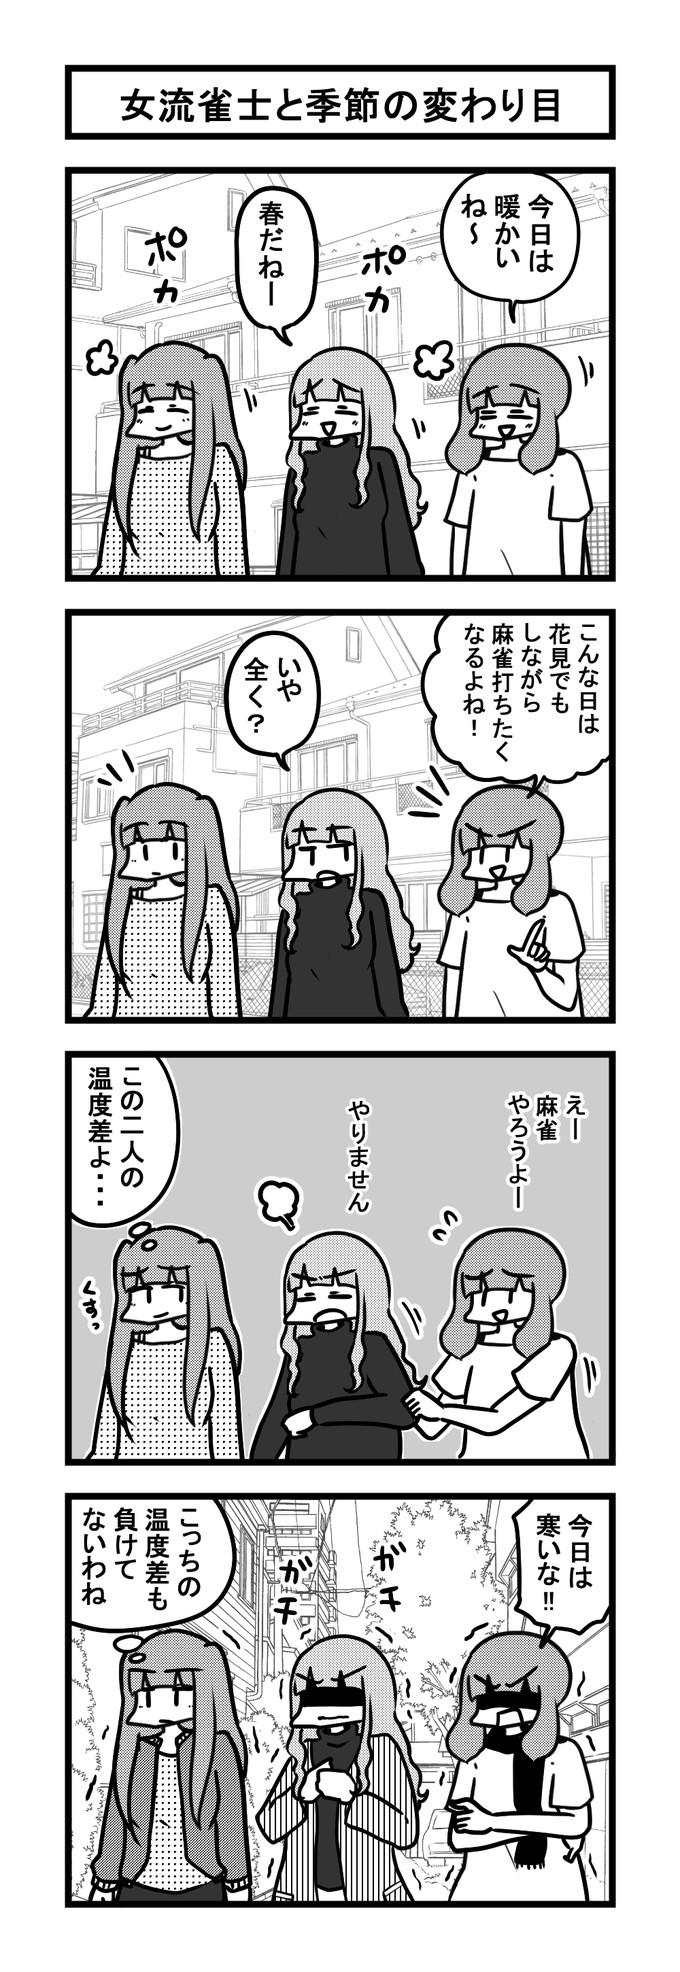 1067女流雀士と季節の変わり目-min